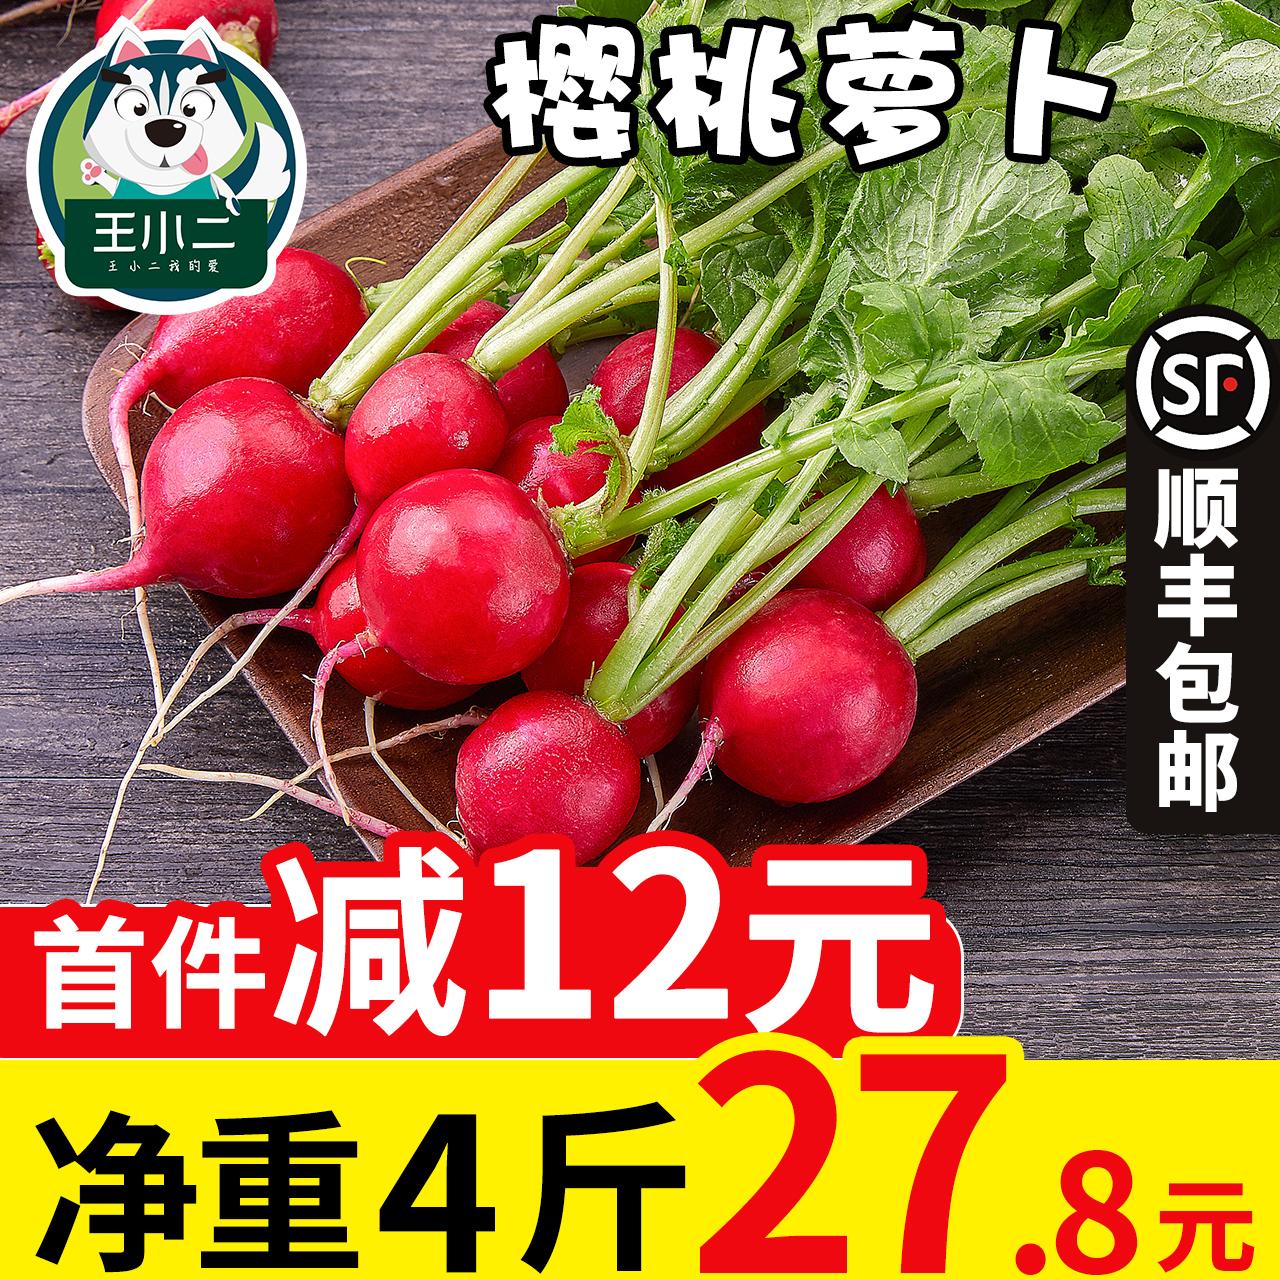 王小二 东北樱桃萝卜新鲜水果萝卜整箱红萝卜包邮蔬菜当季特产4斤